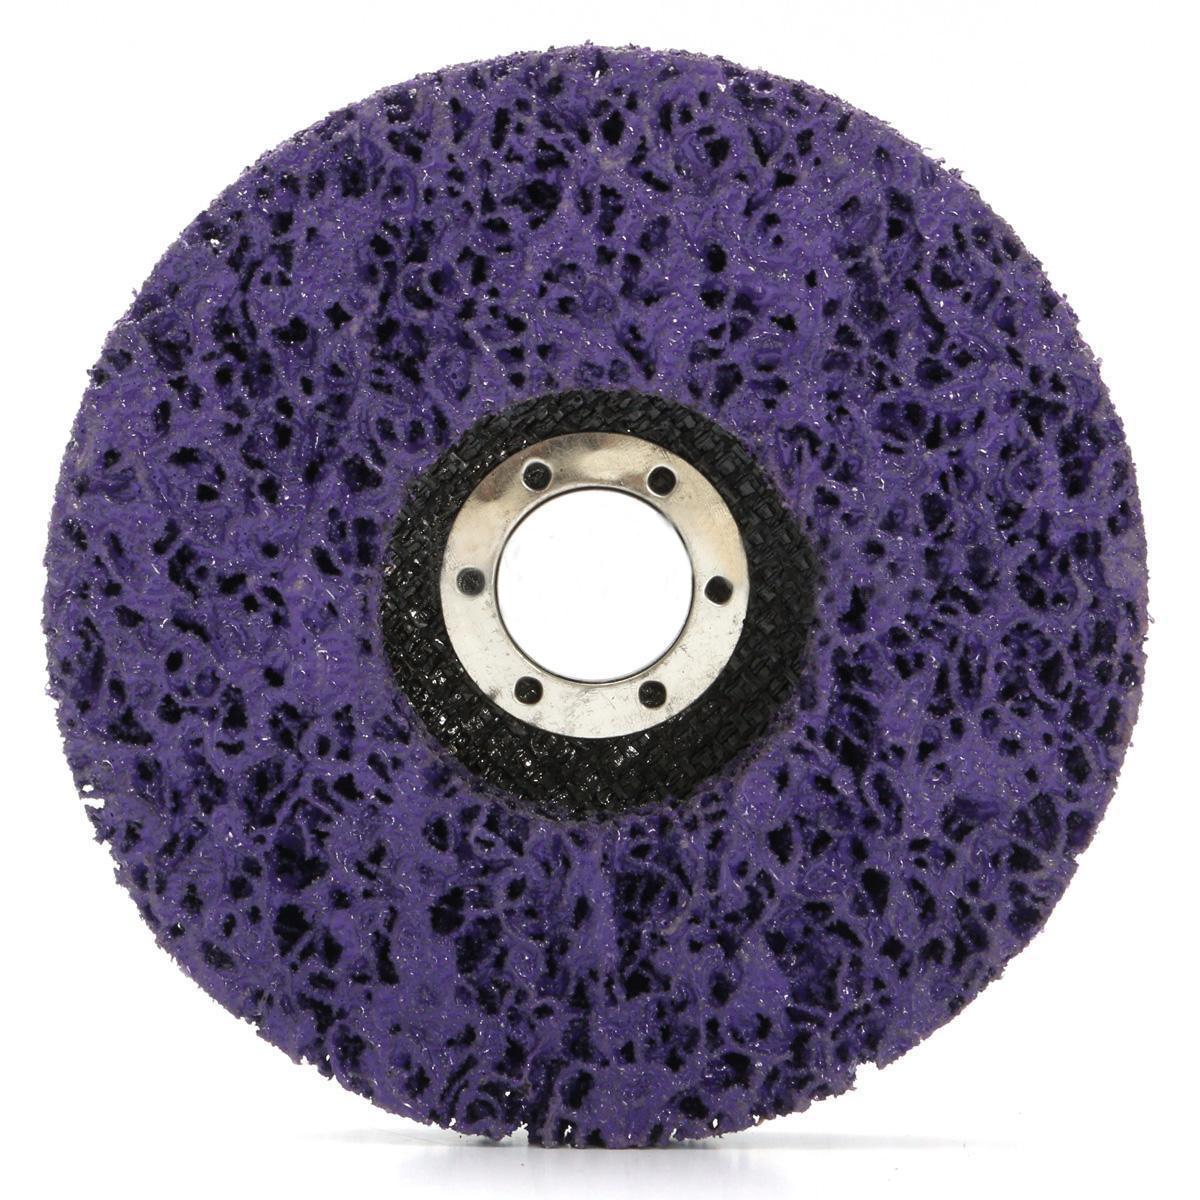 2 шт. 125 мм Алюминий Поли полосы диск колеса 40 крупы Краски удаления ржавчины чистке для Болгарки